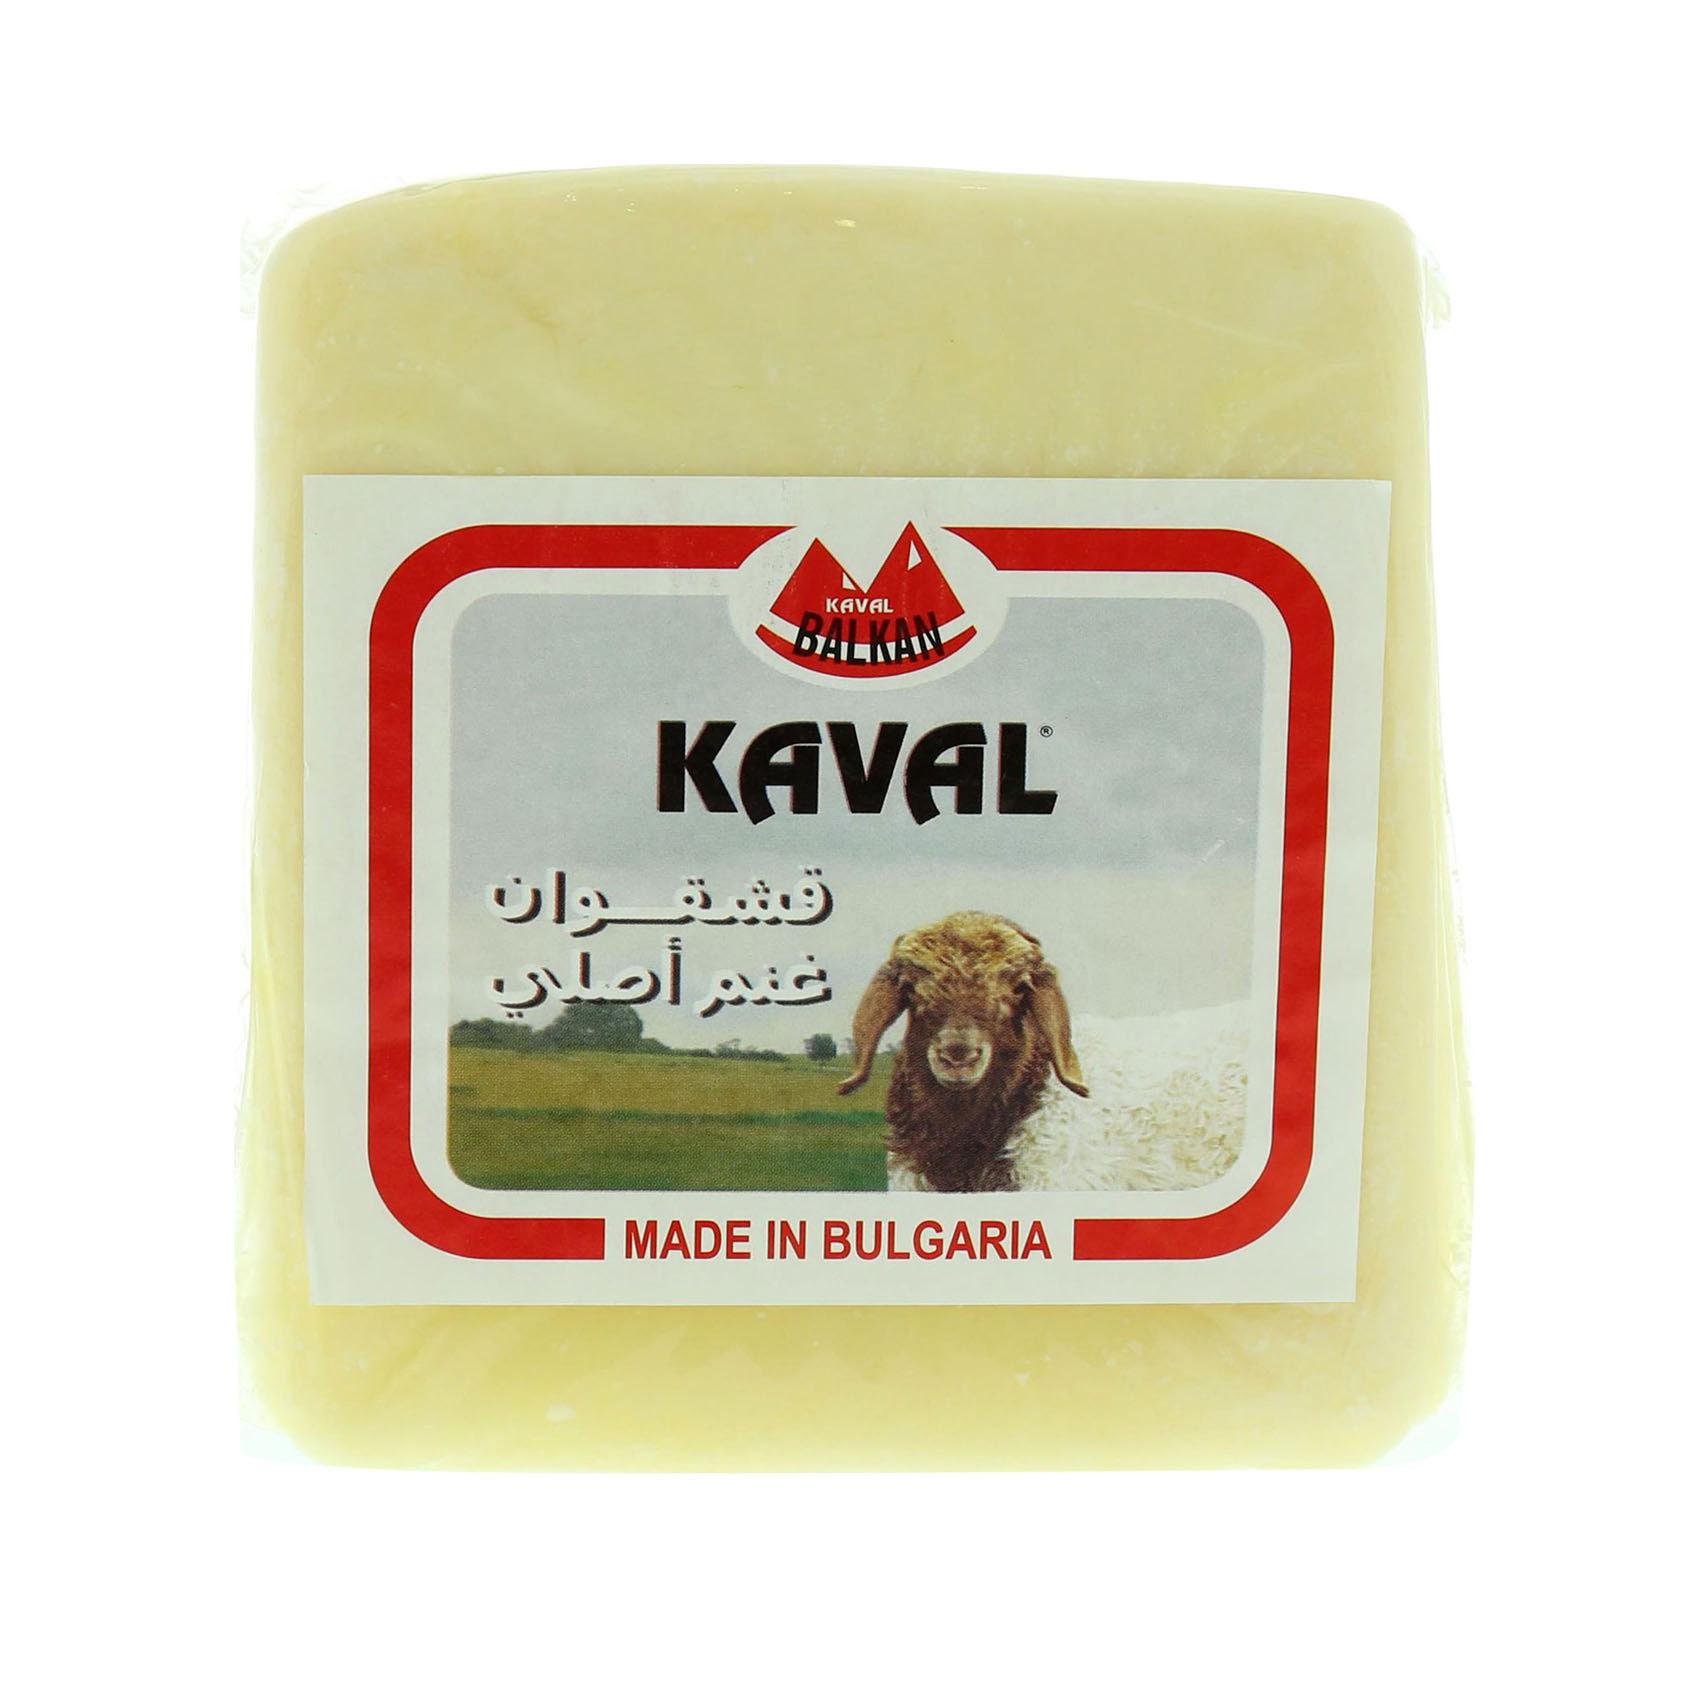 KAVAL SHEEP KASHVAL CHZ 500GR